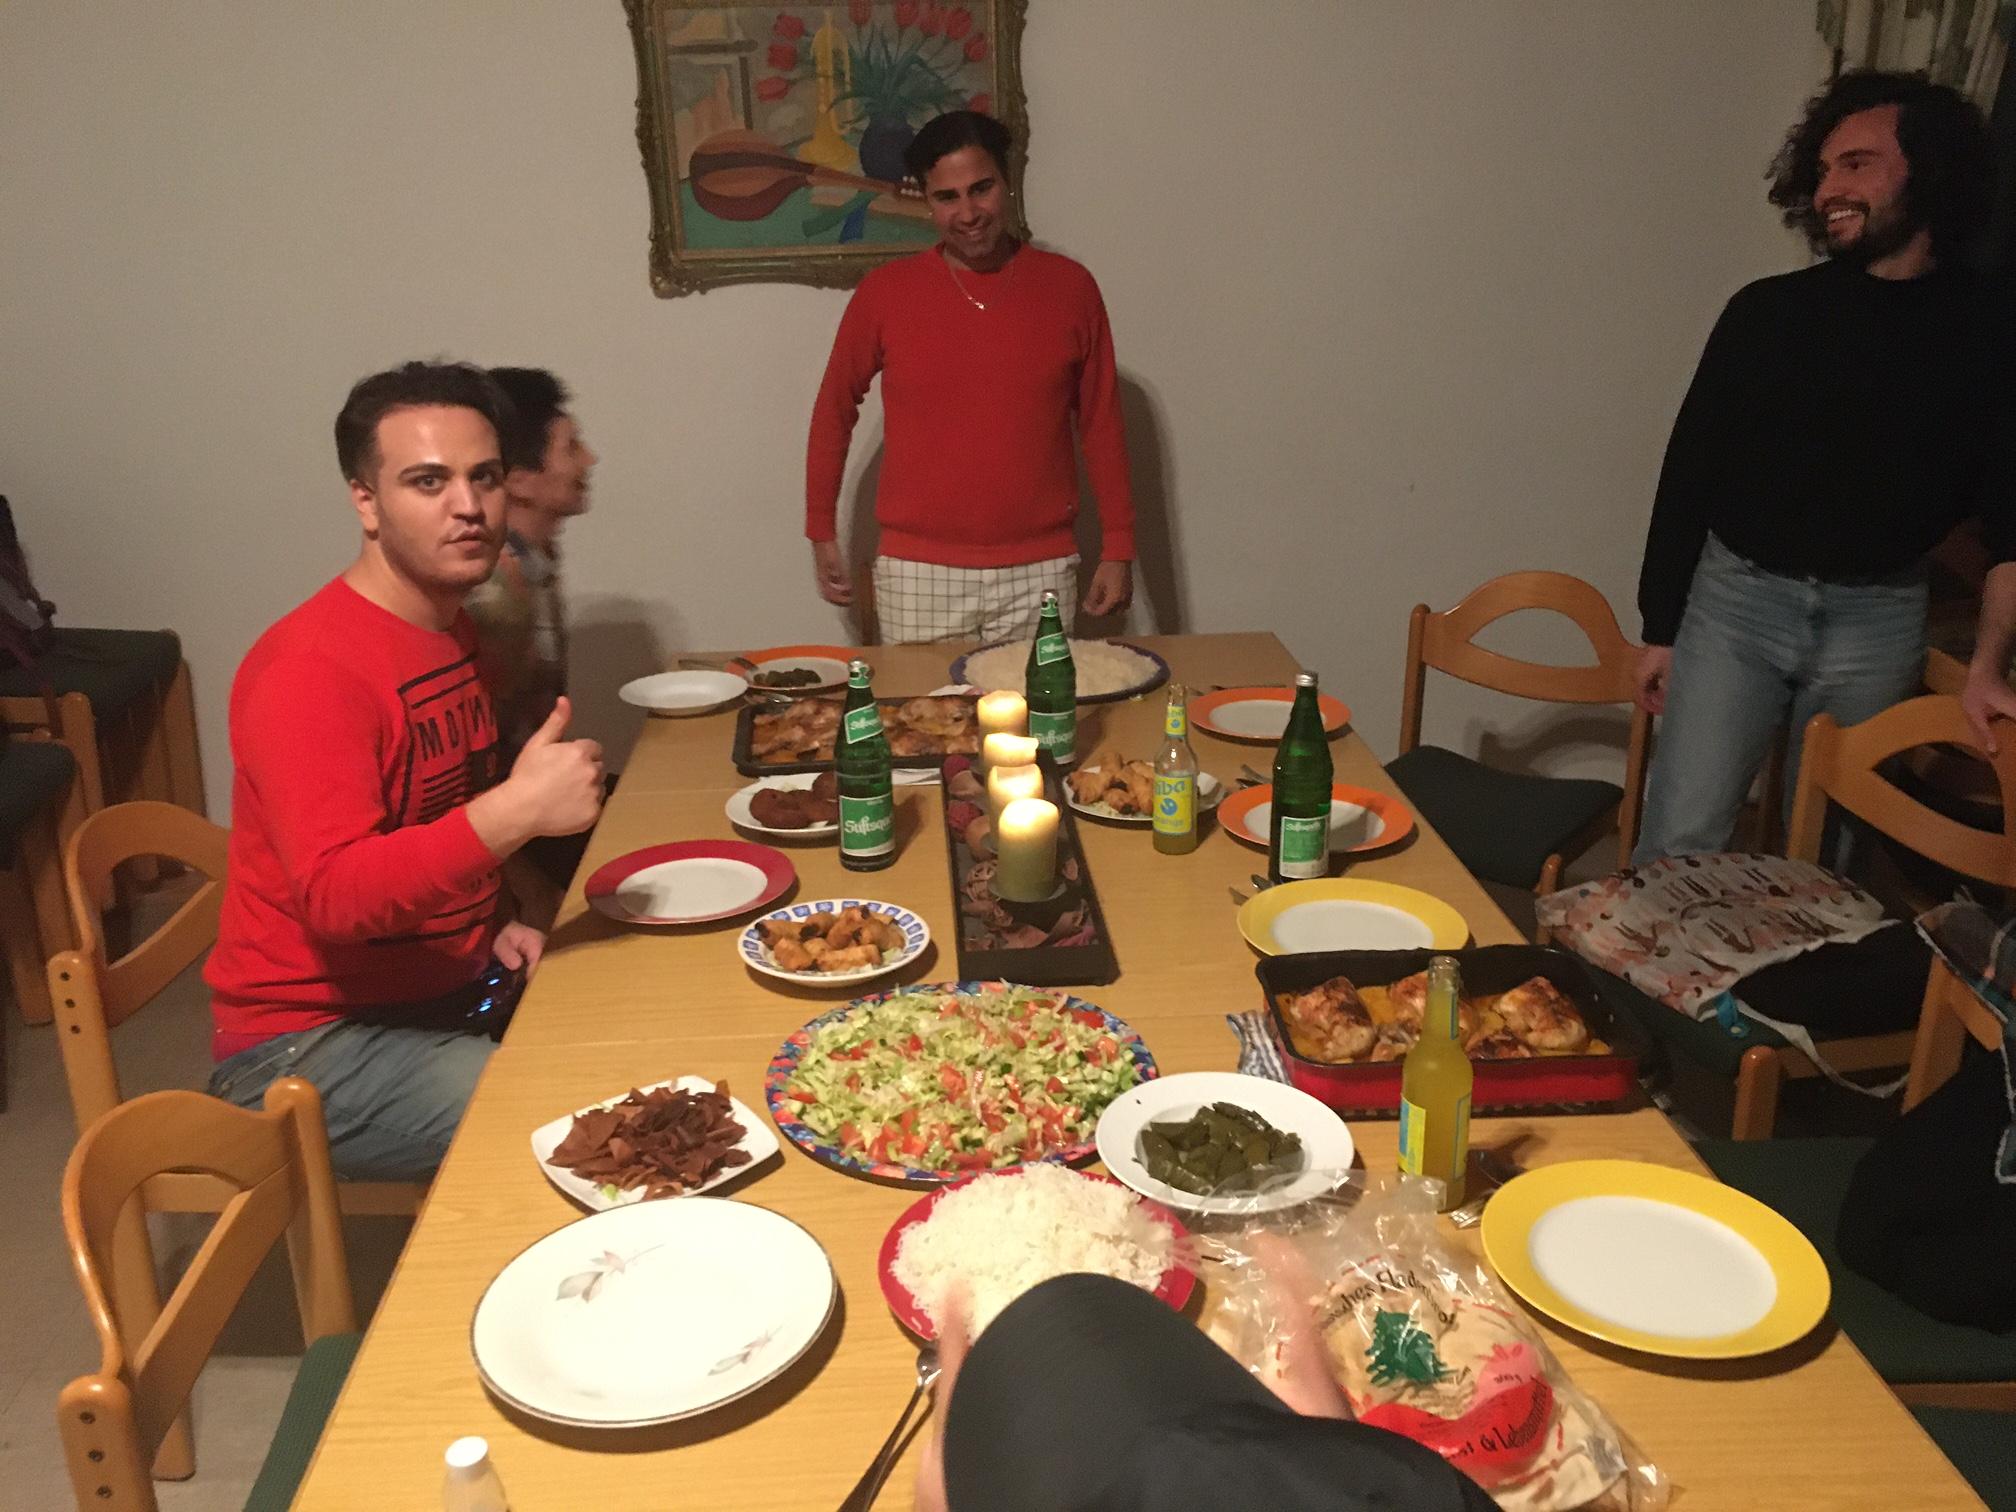 Das Bild zeigt mehrere Personen am Tisch beim Essen